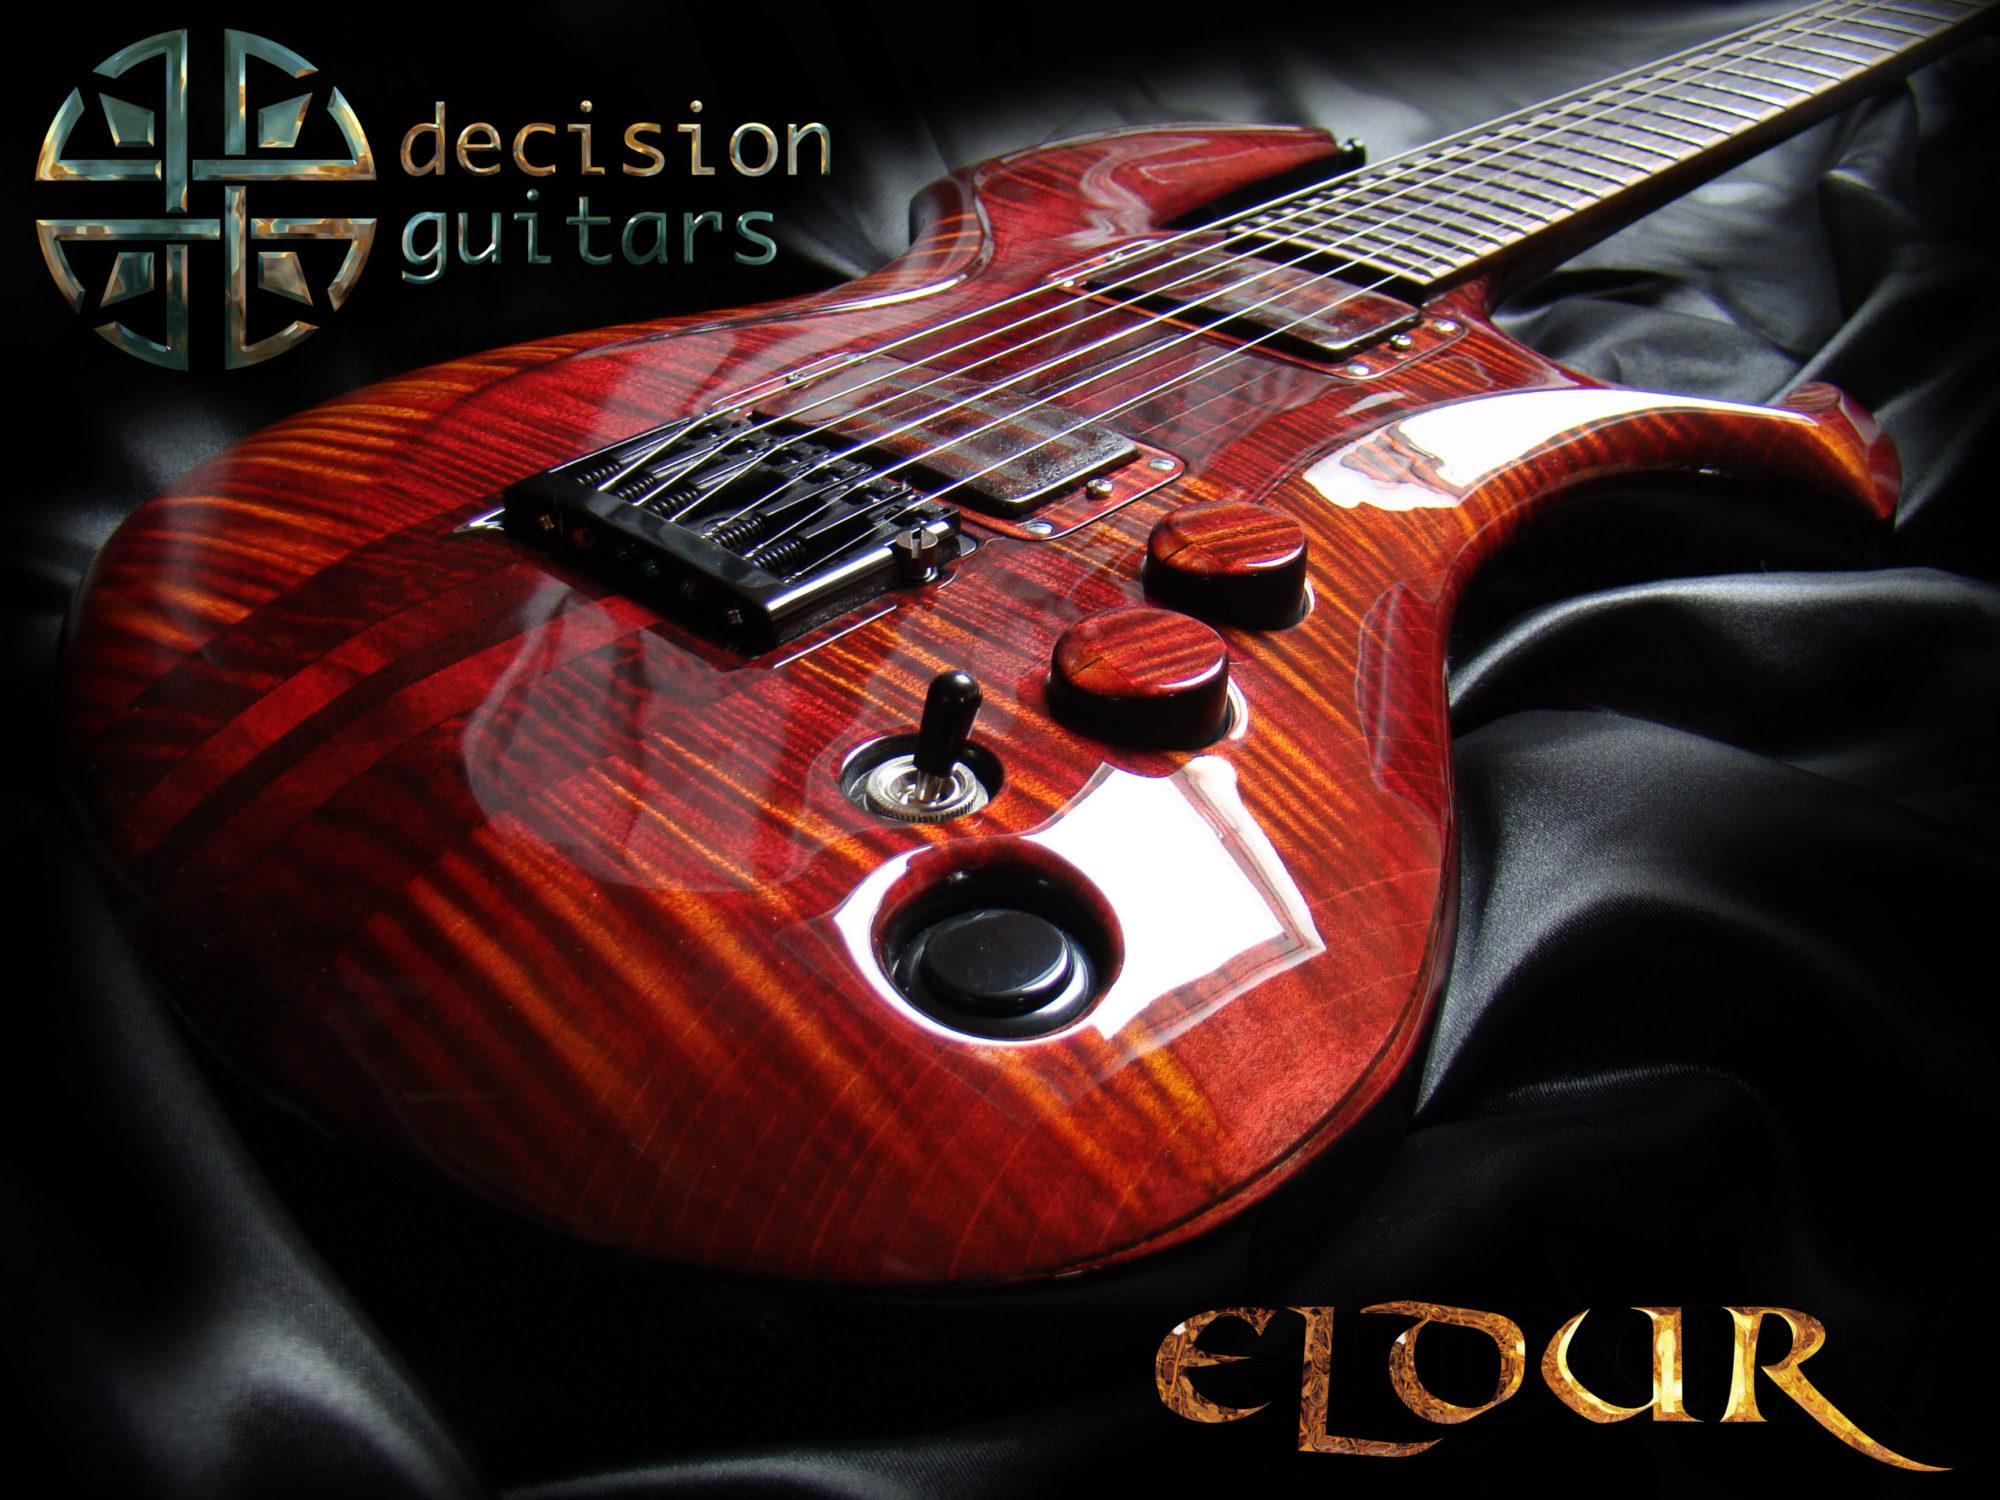 eldur-control section